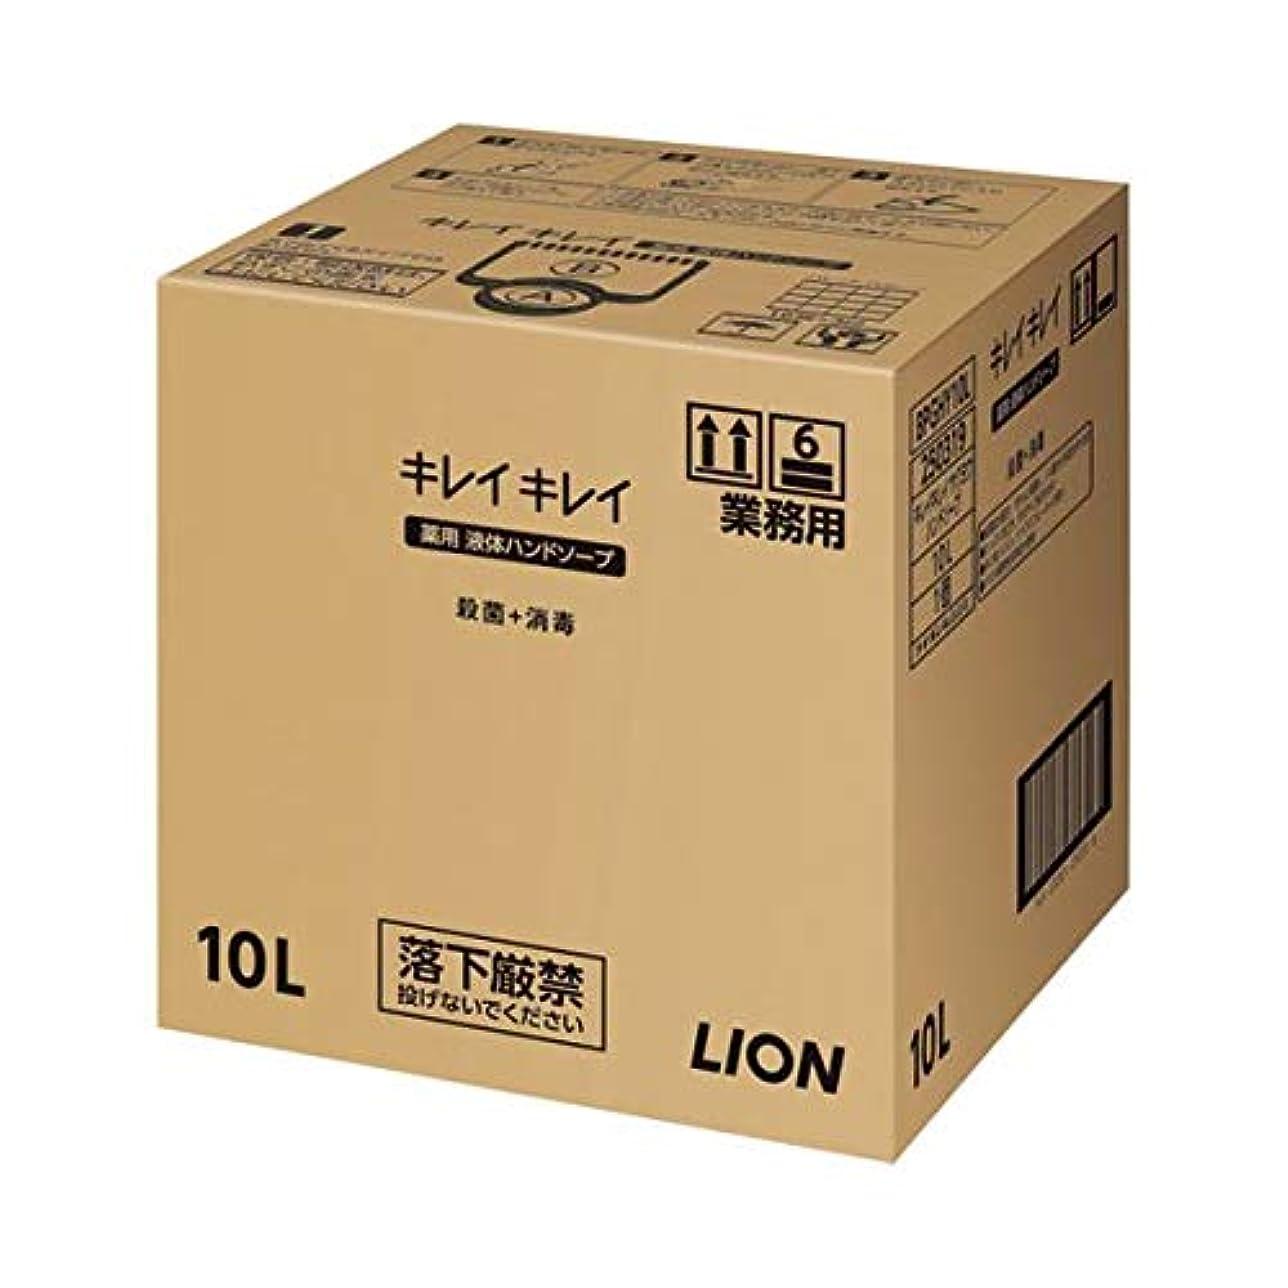 (まとめ)ライオン キレイキレイ 薬用ハンドソープ 10L【×5セット】 ダイエット 健康 衛生用品 ハンドソープ 14067381 [並行輸入品]